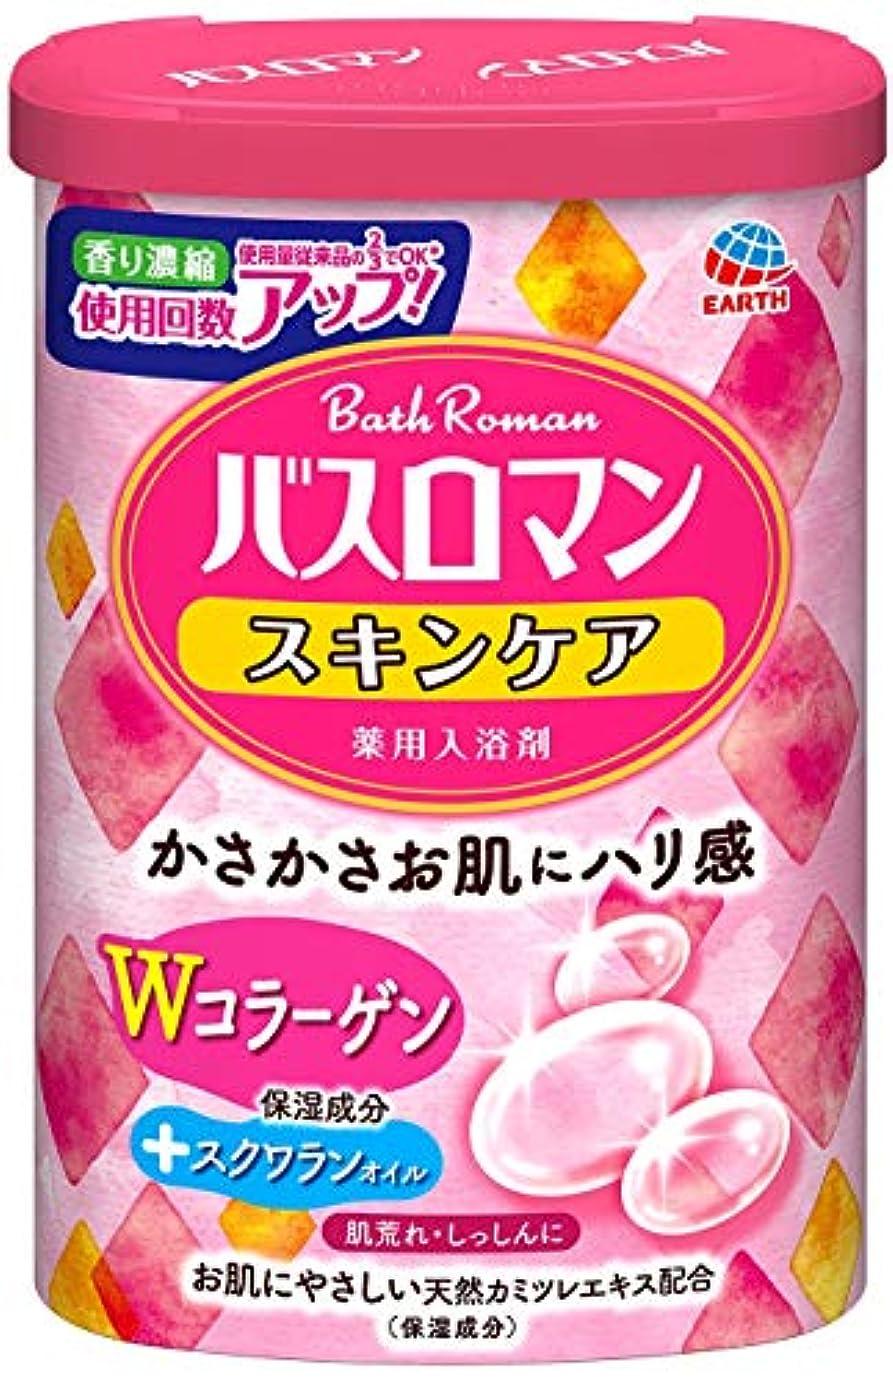 メールステーキ公平【医薬部外品】バスロマン 入浴剤 スキンケア Wコラーゲン [600g]